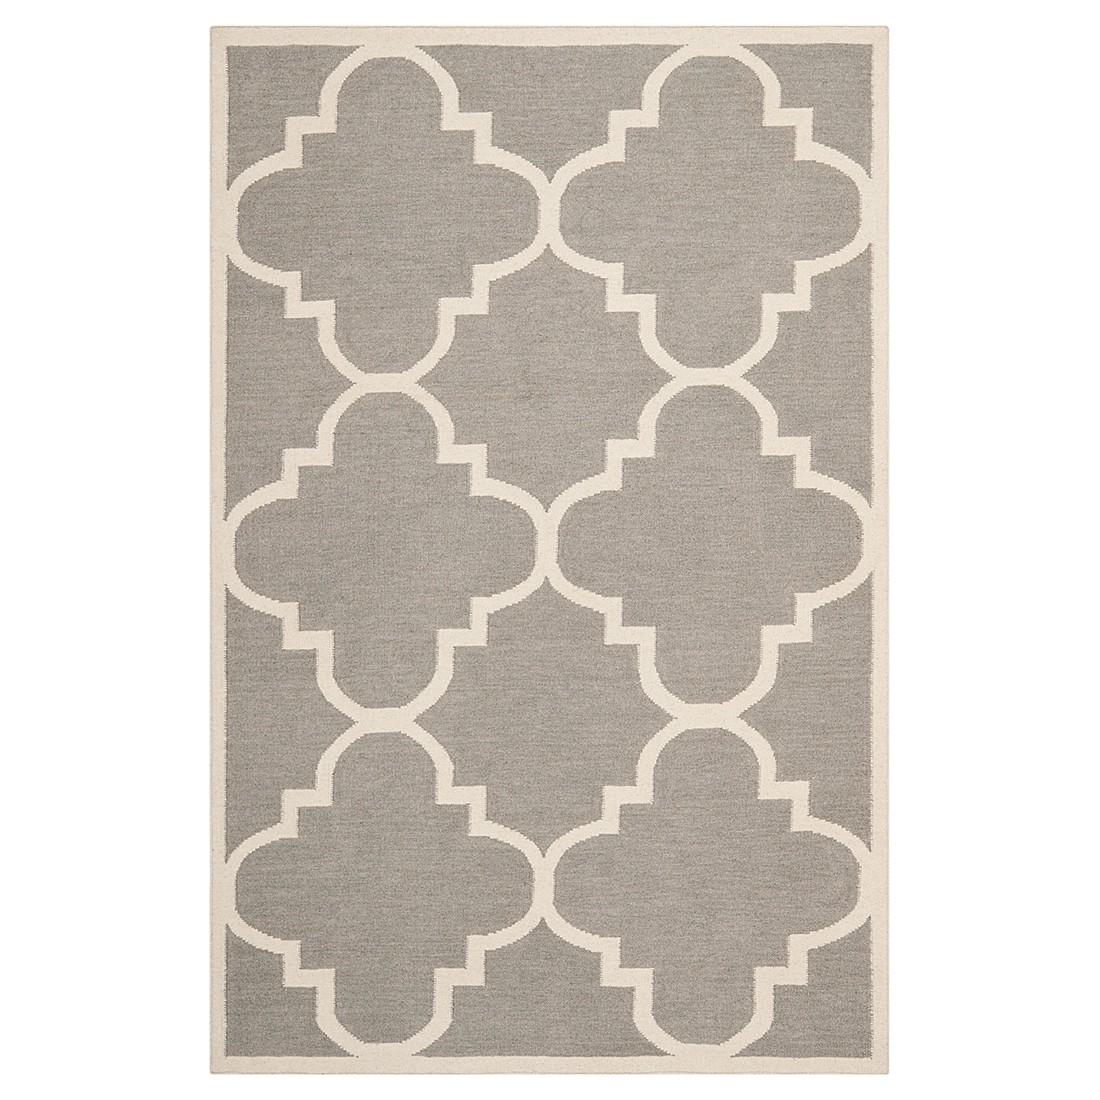 Teppich Alameda – Grau/Creme – 122 x 183 cm, Safavieh günstig online kaufen